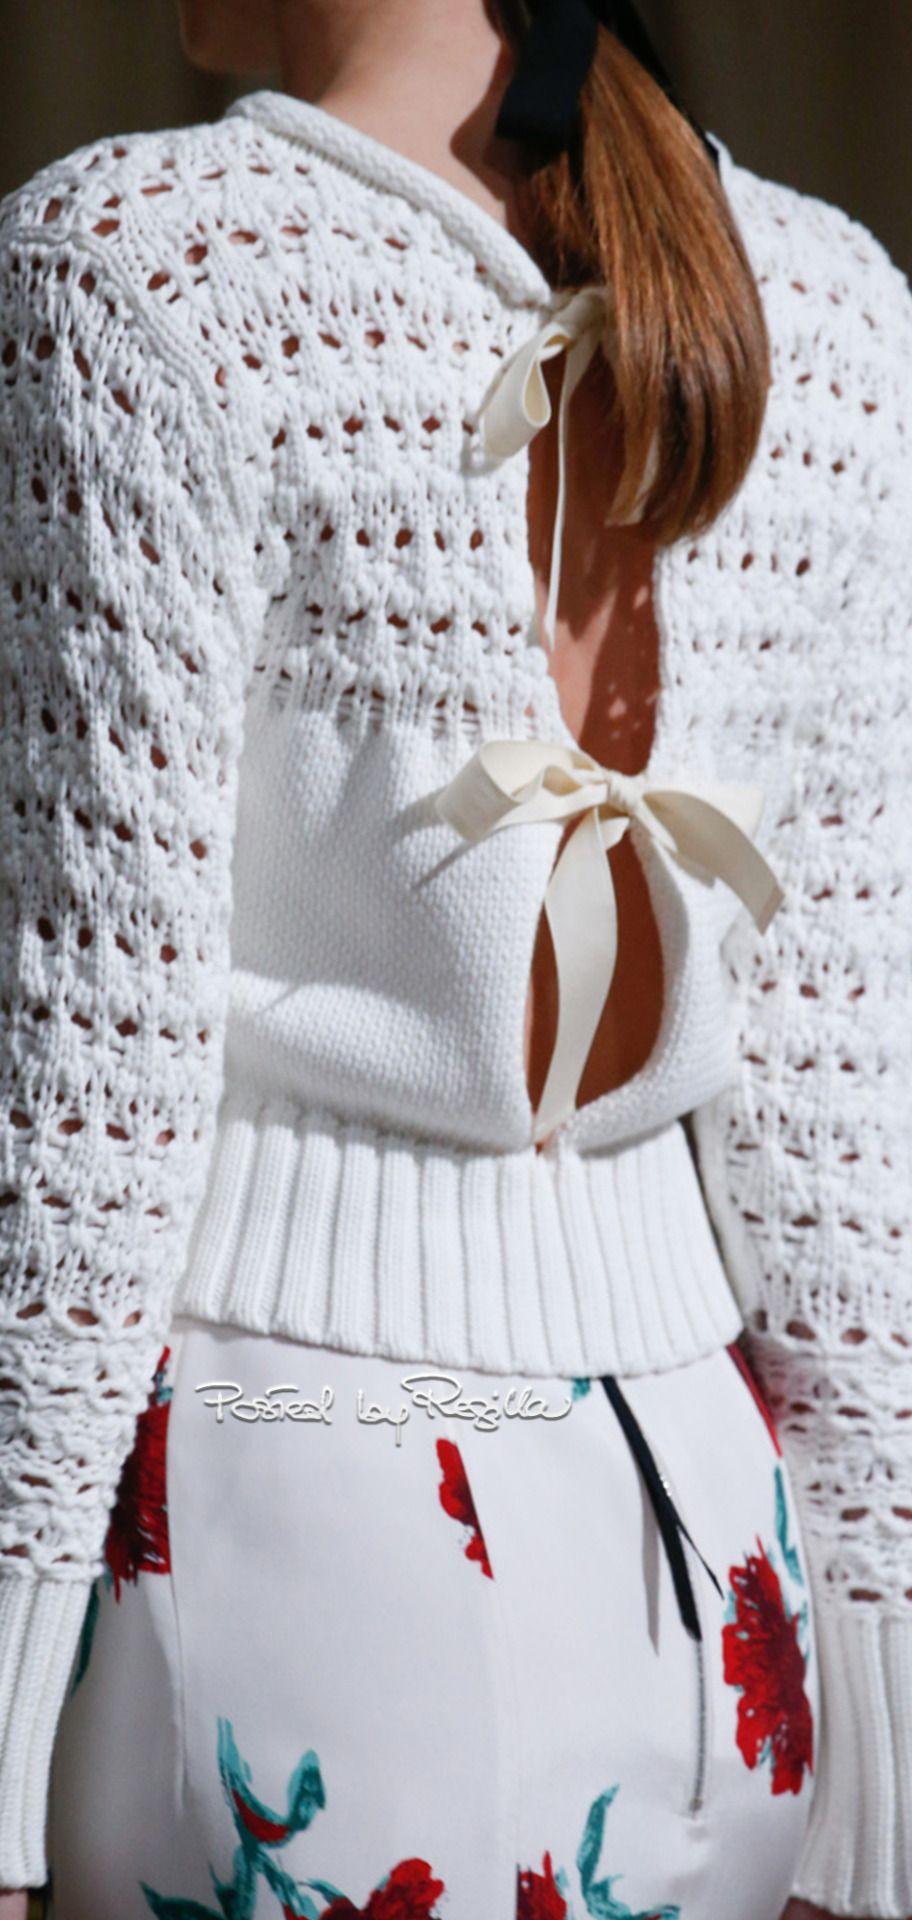 Regilla Una Fiorentina In California Moda Detalhes De Moda Trico E Croche